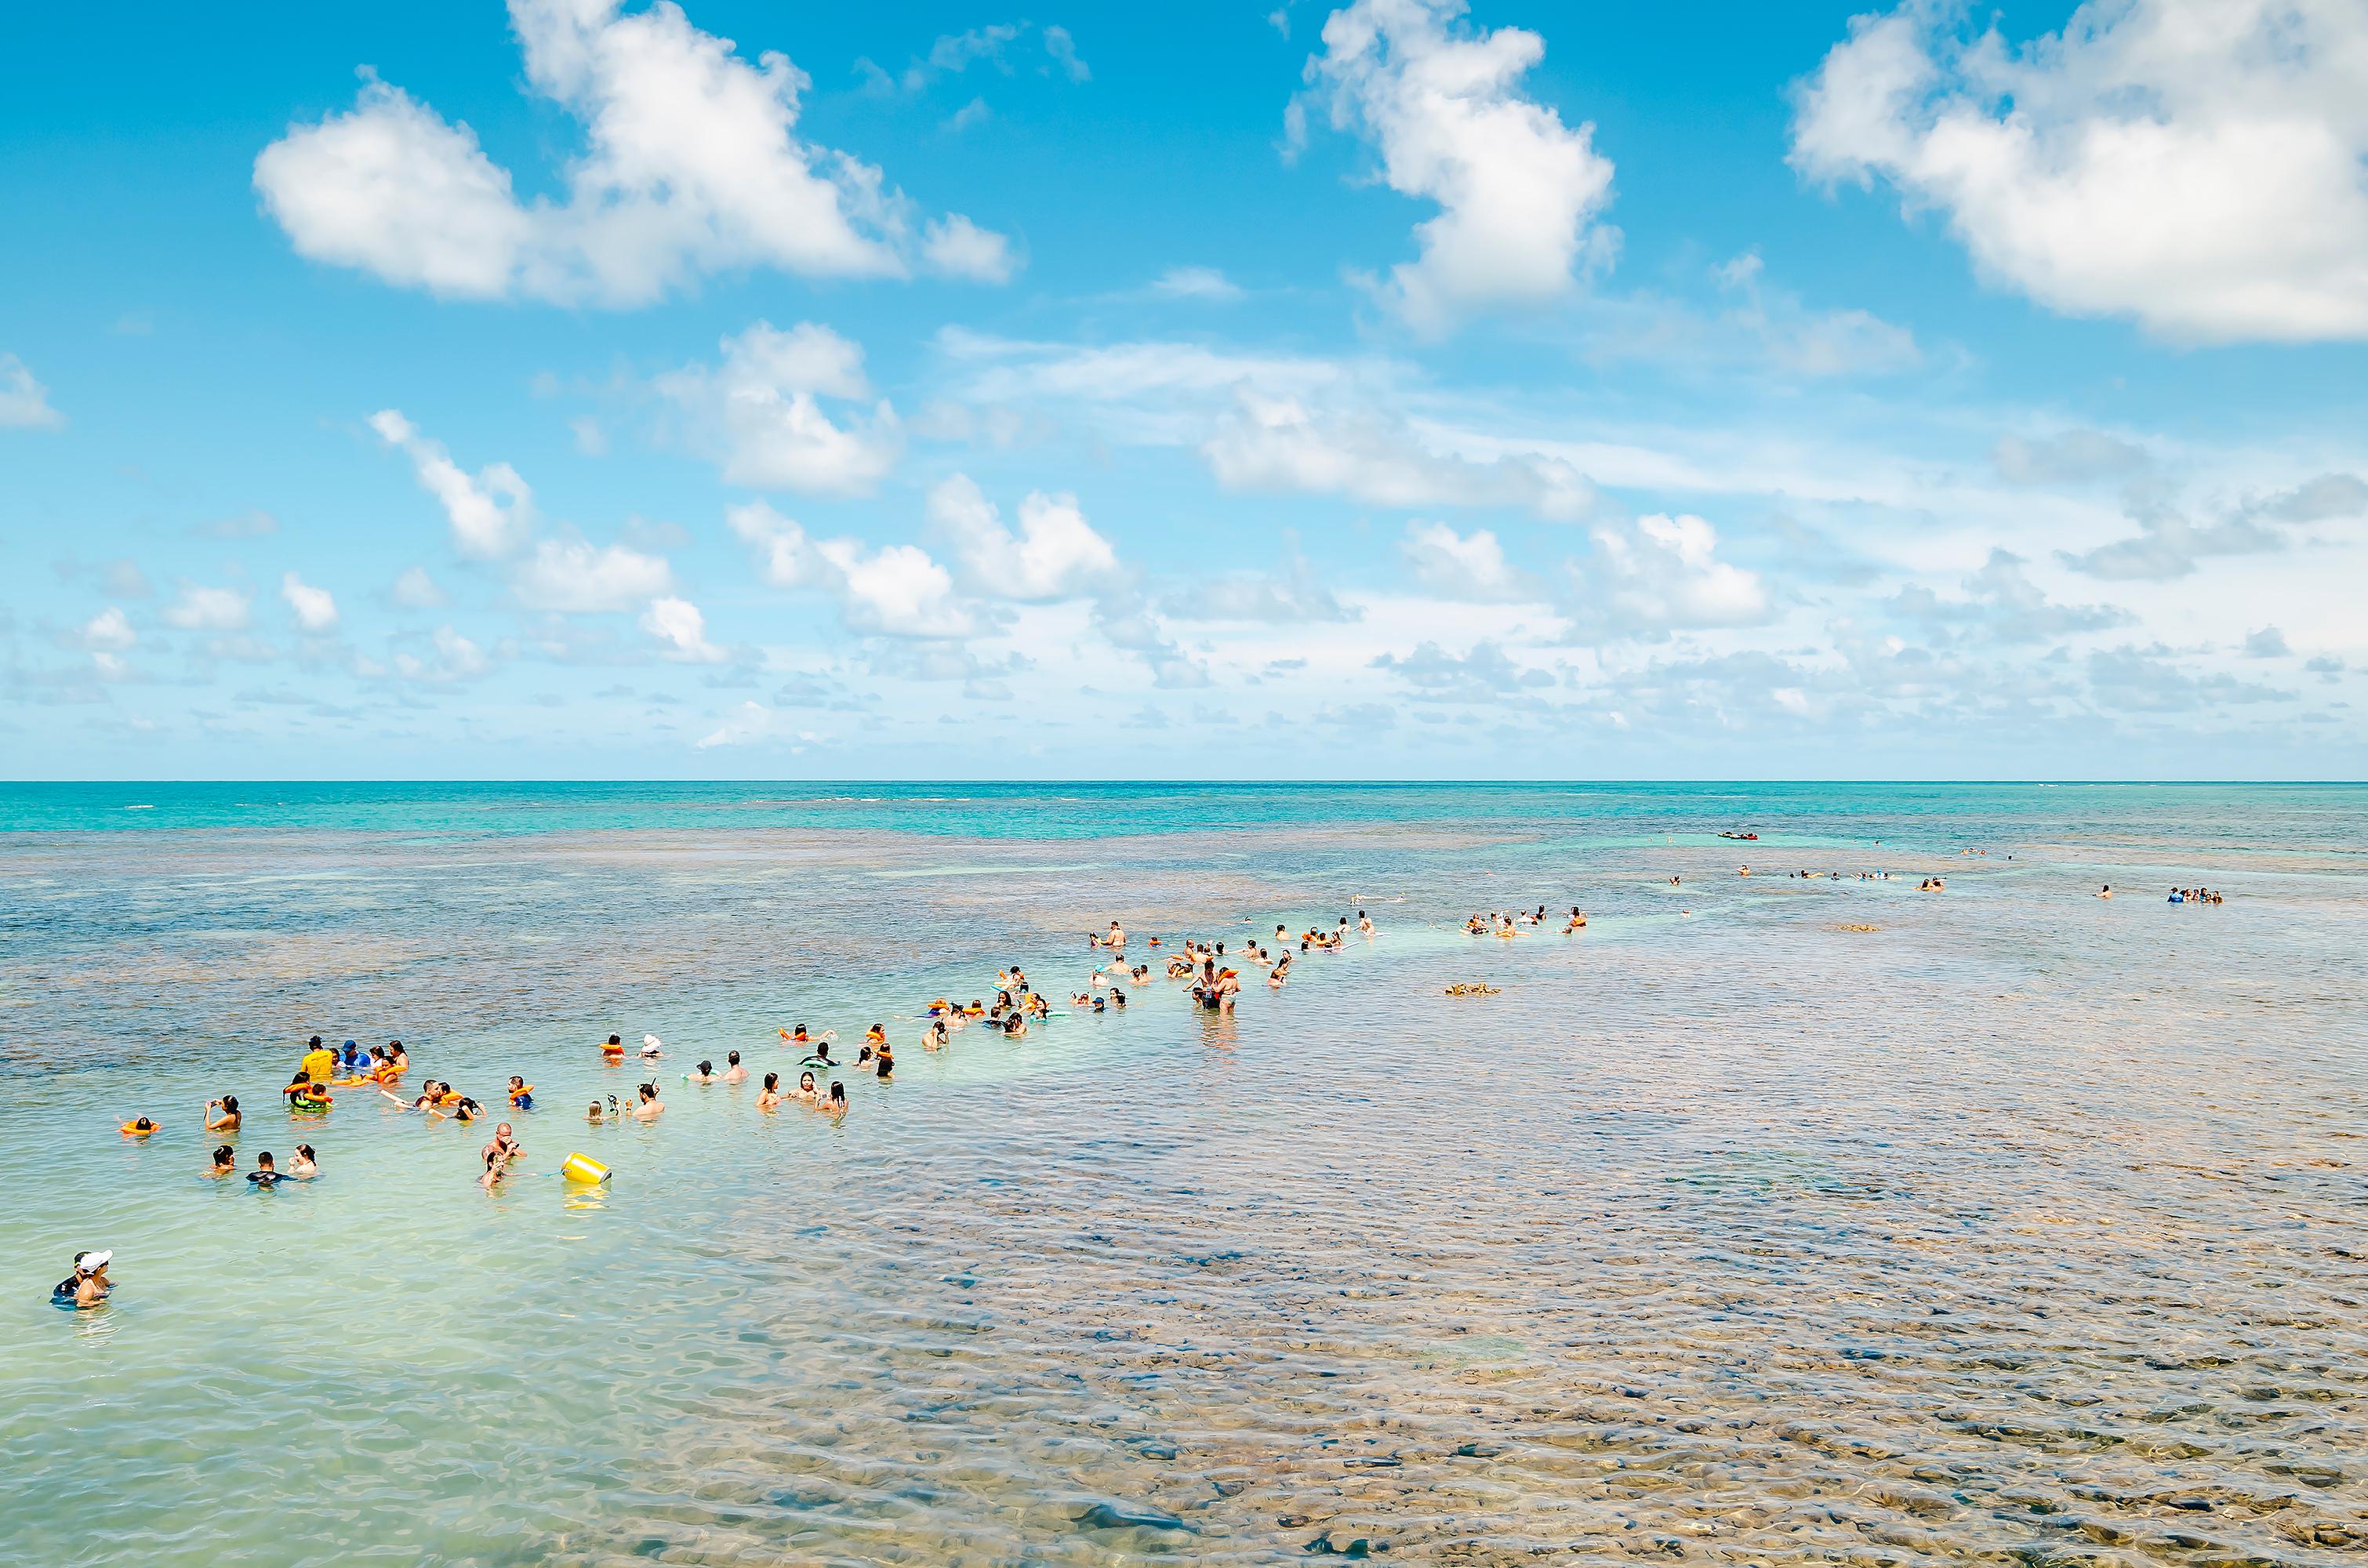 Se trata de una de las playas más importantes y frecuentadas de la ciudad de João Pessoa. La misma ofrece la oportunidad de bucear cuando la marea baja y en la costa, diversos restaurantes ofrecen típicos platos regionales, así como también nacionales e internacionales